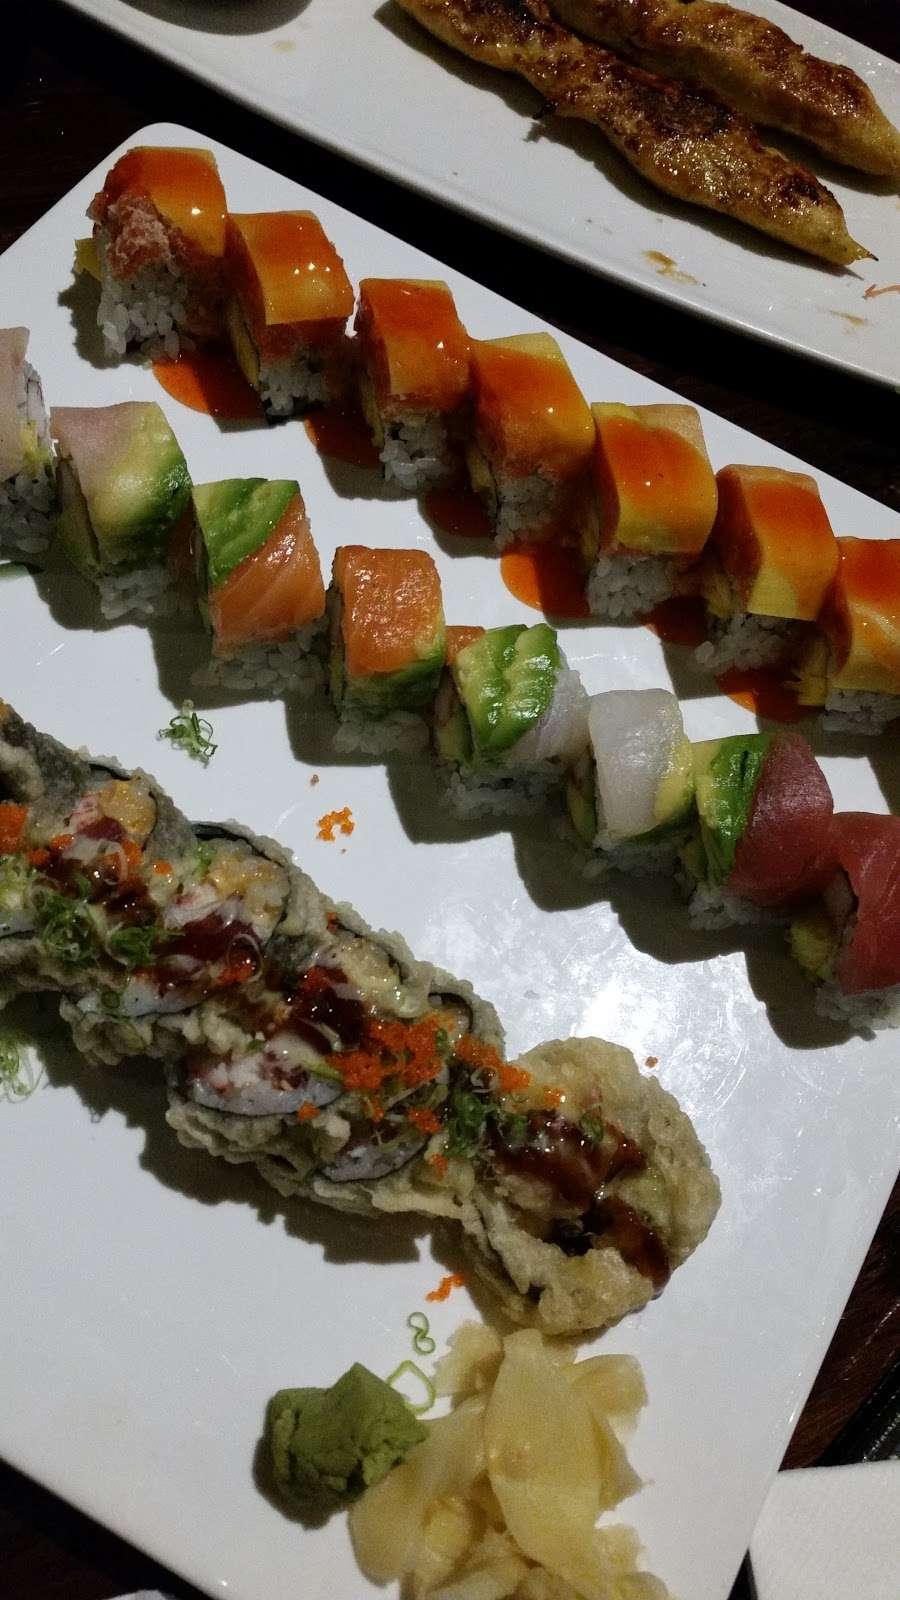 Otaiko Hibachi & Sushi Lounge - restaurant    Photo 10 of 10   Address: 125 Lefante Way, Bayonne, NJ 07002, USA   Phone: (201) 339-3399